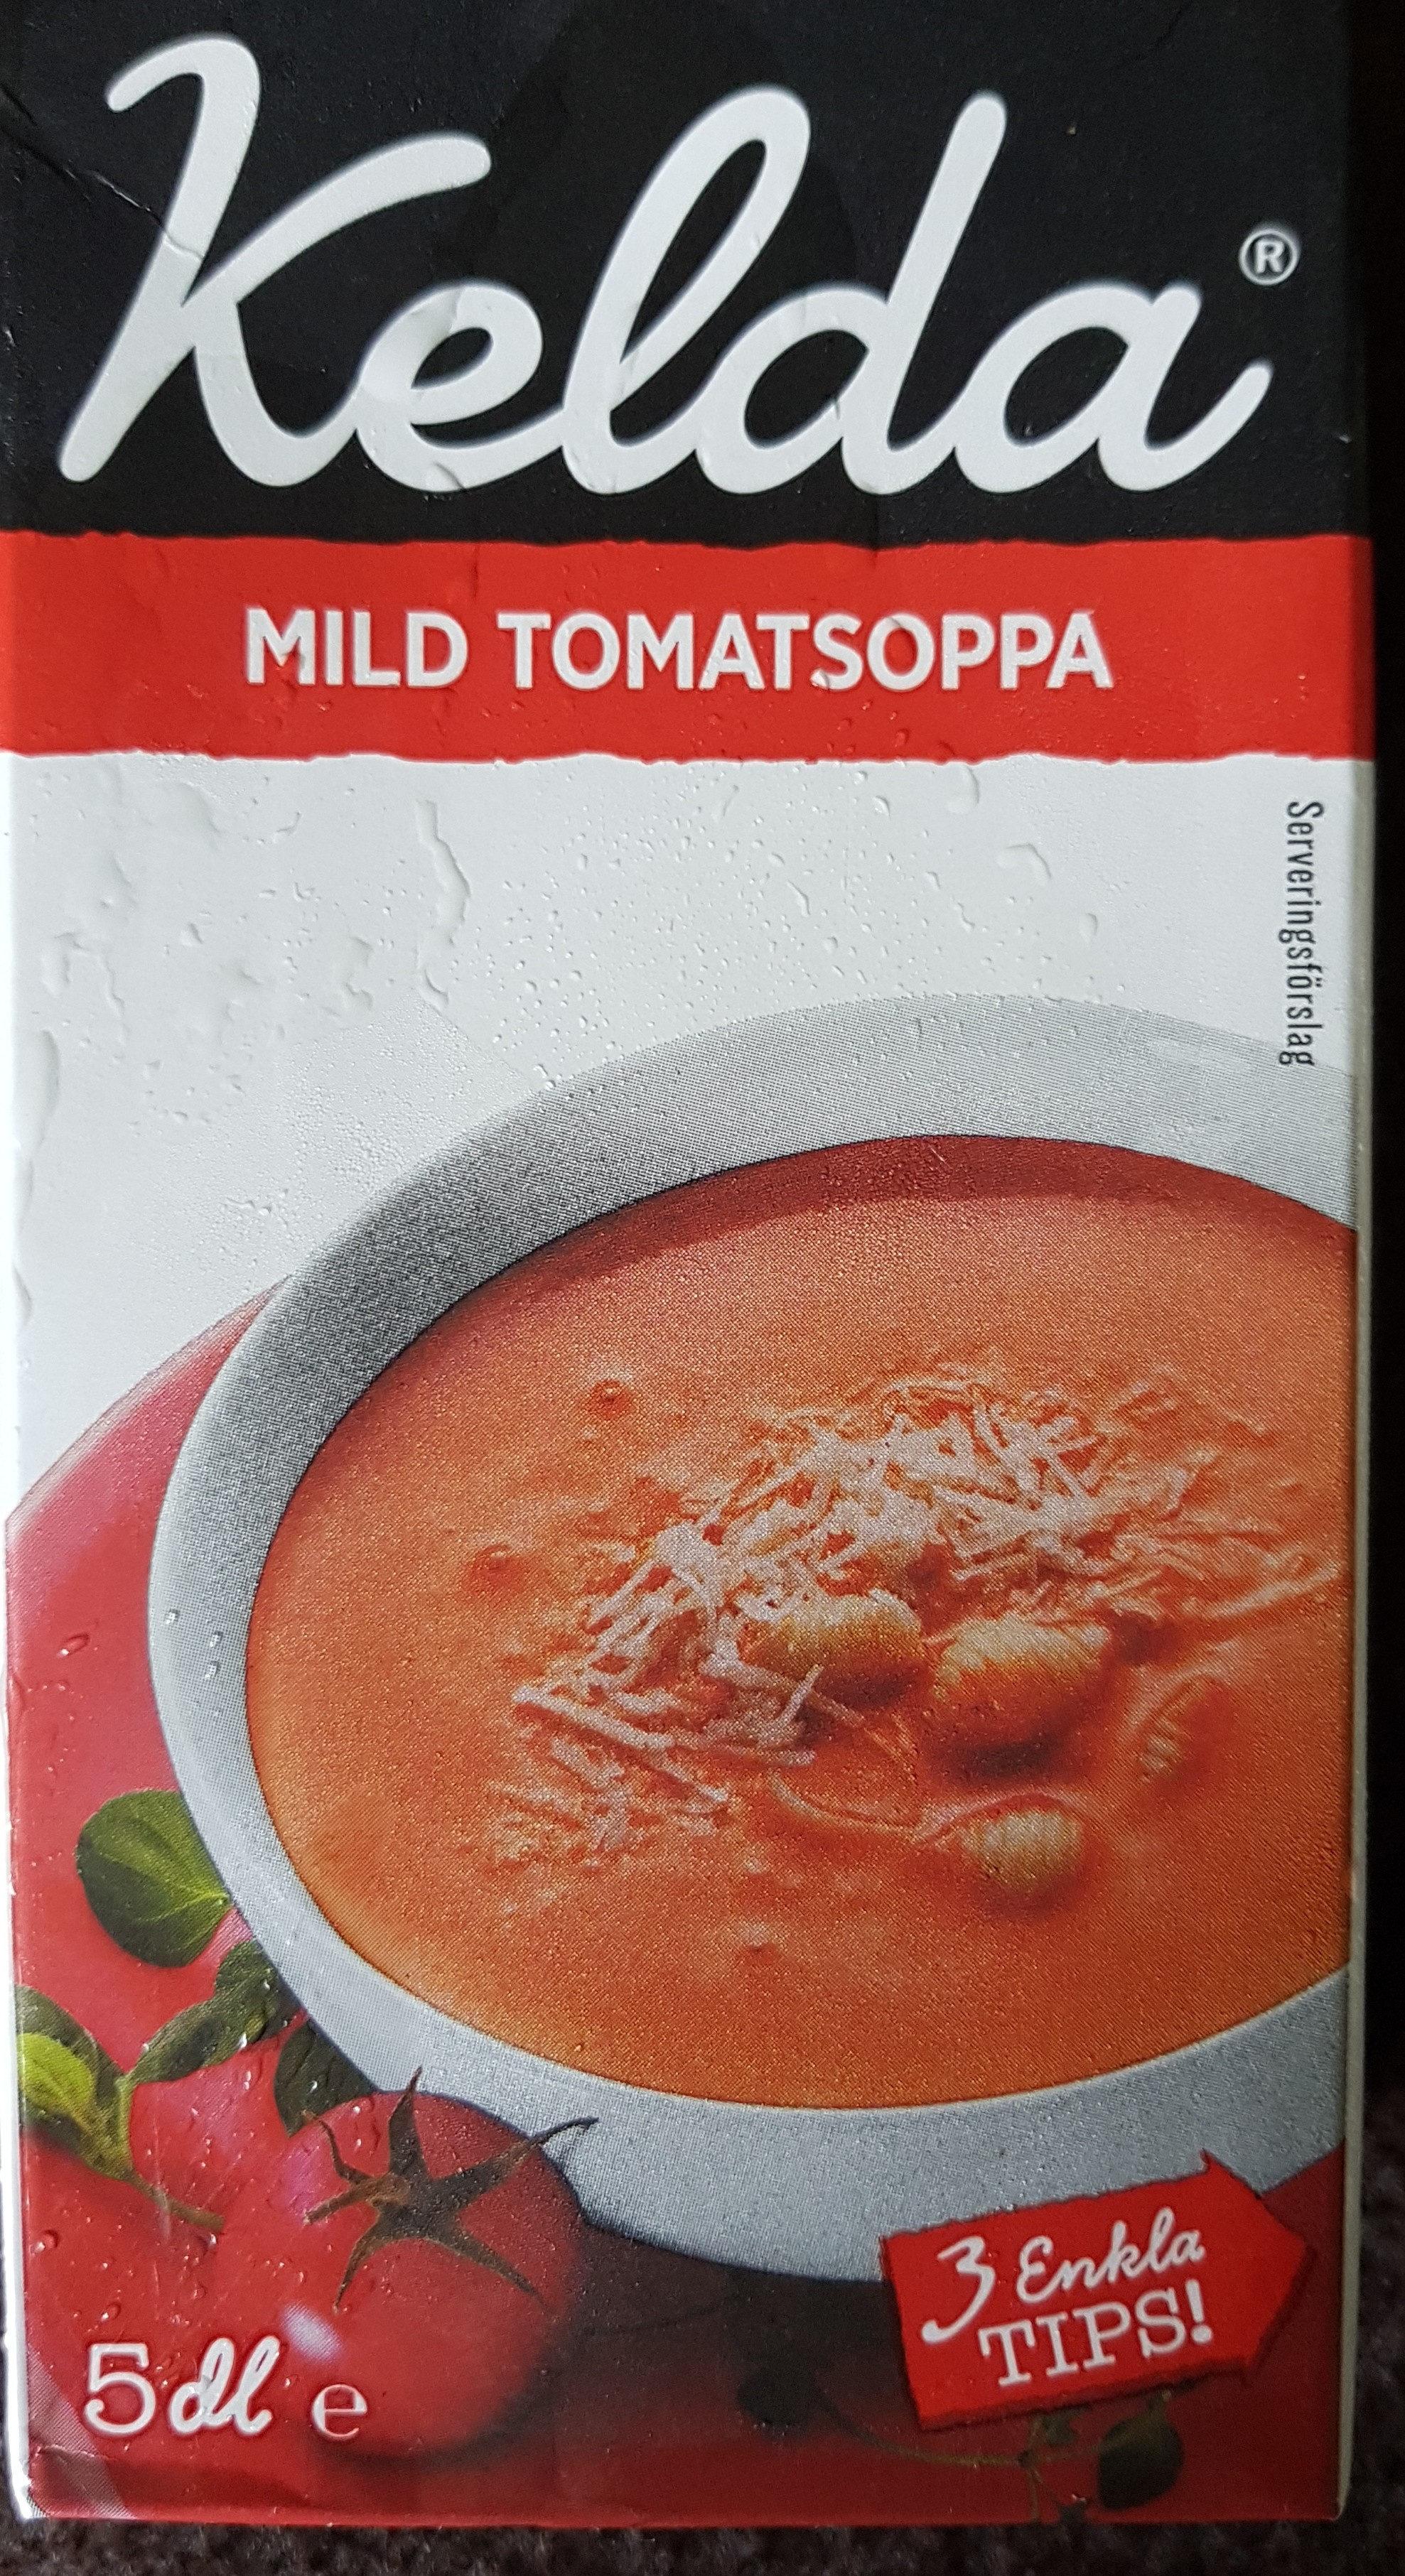 kelda mild tomatsoppa